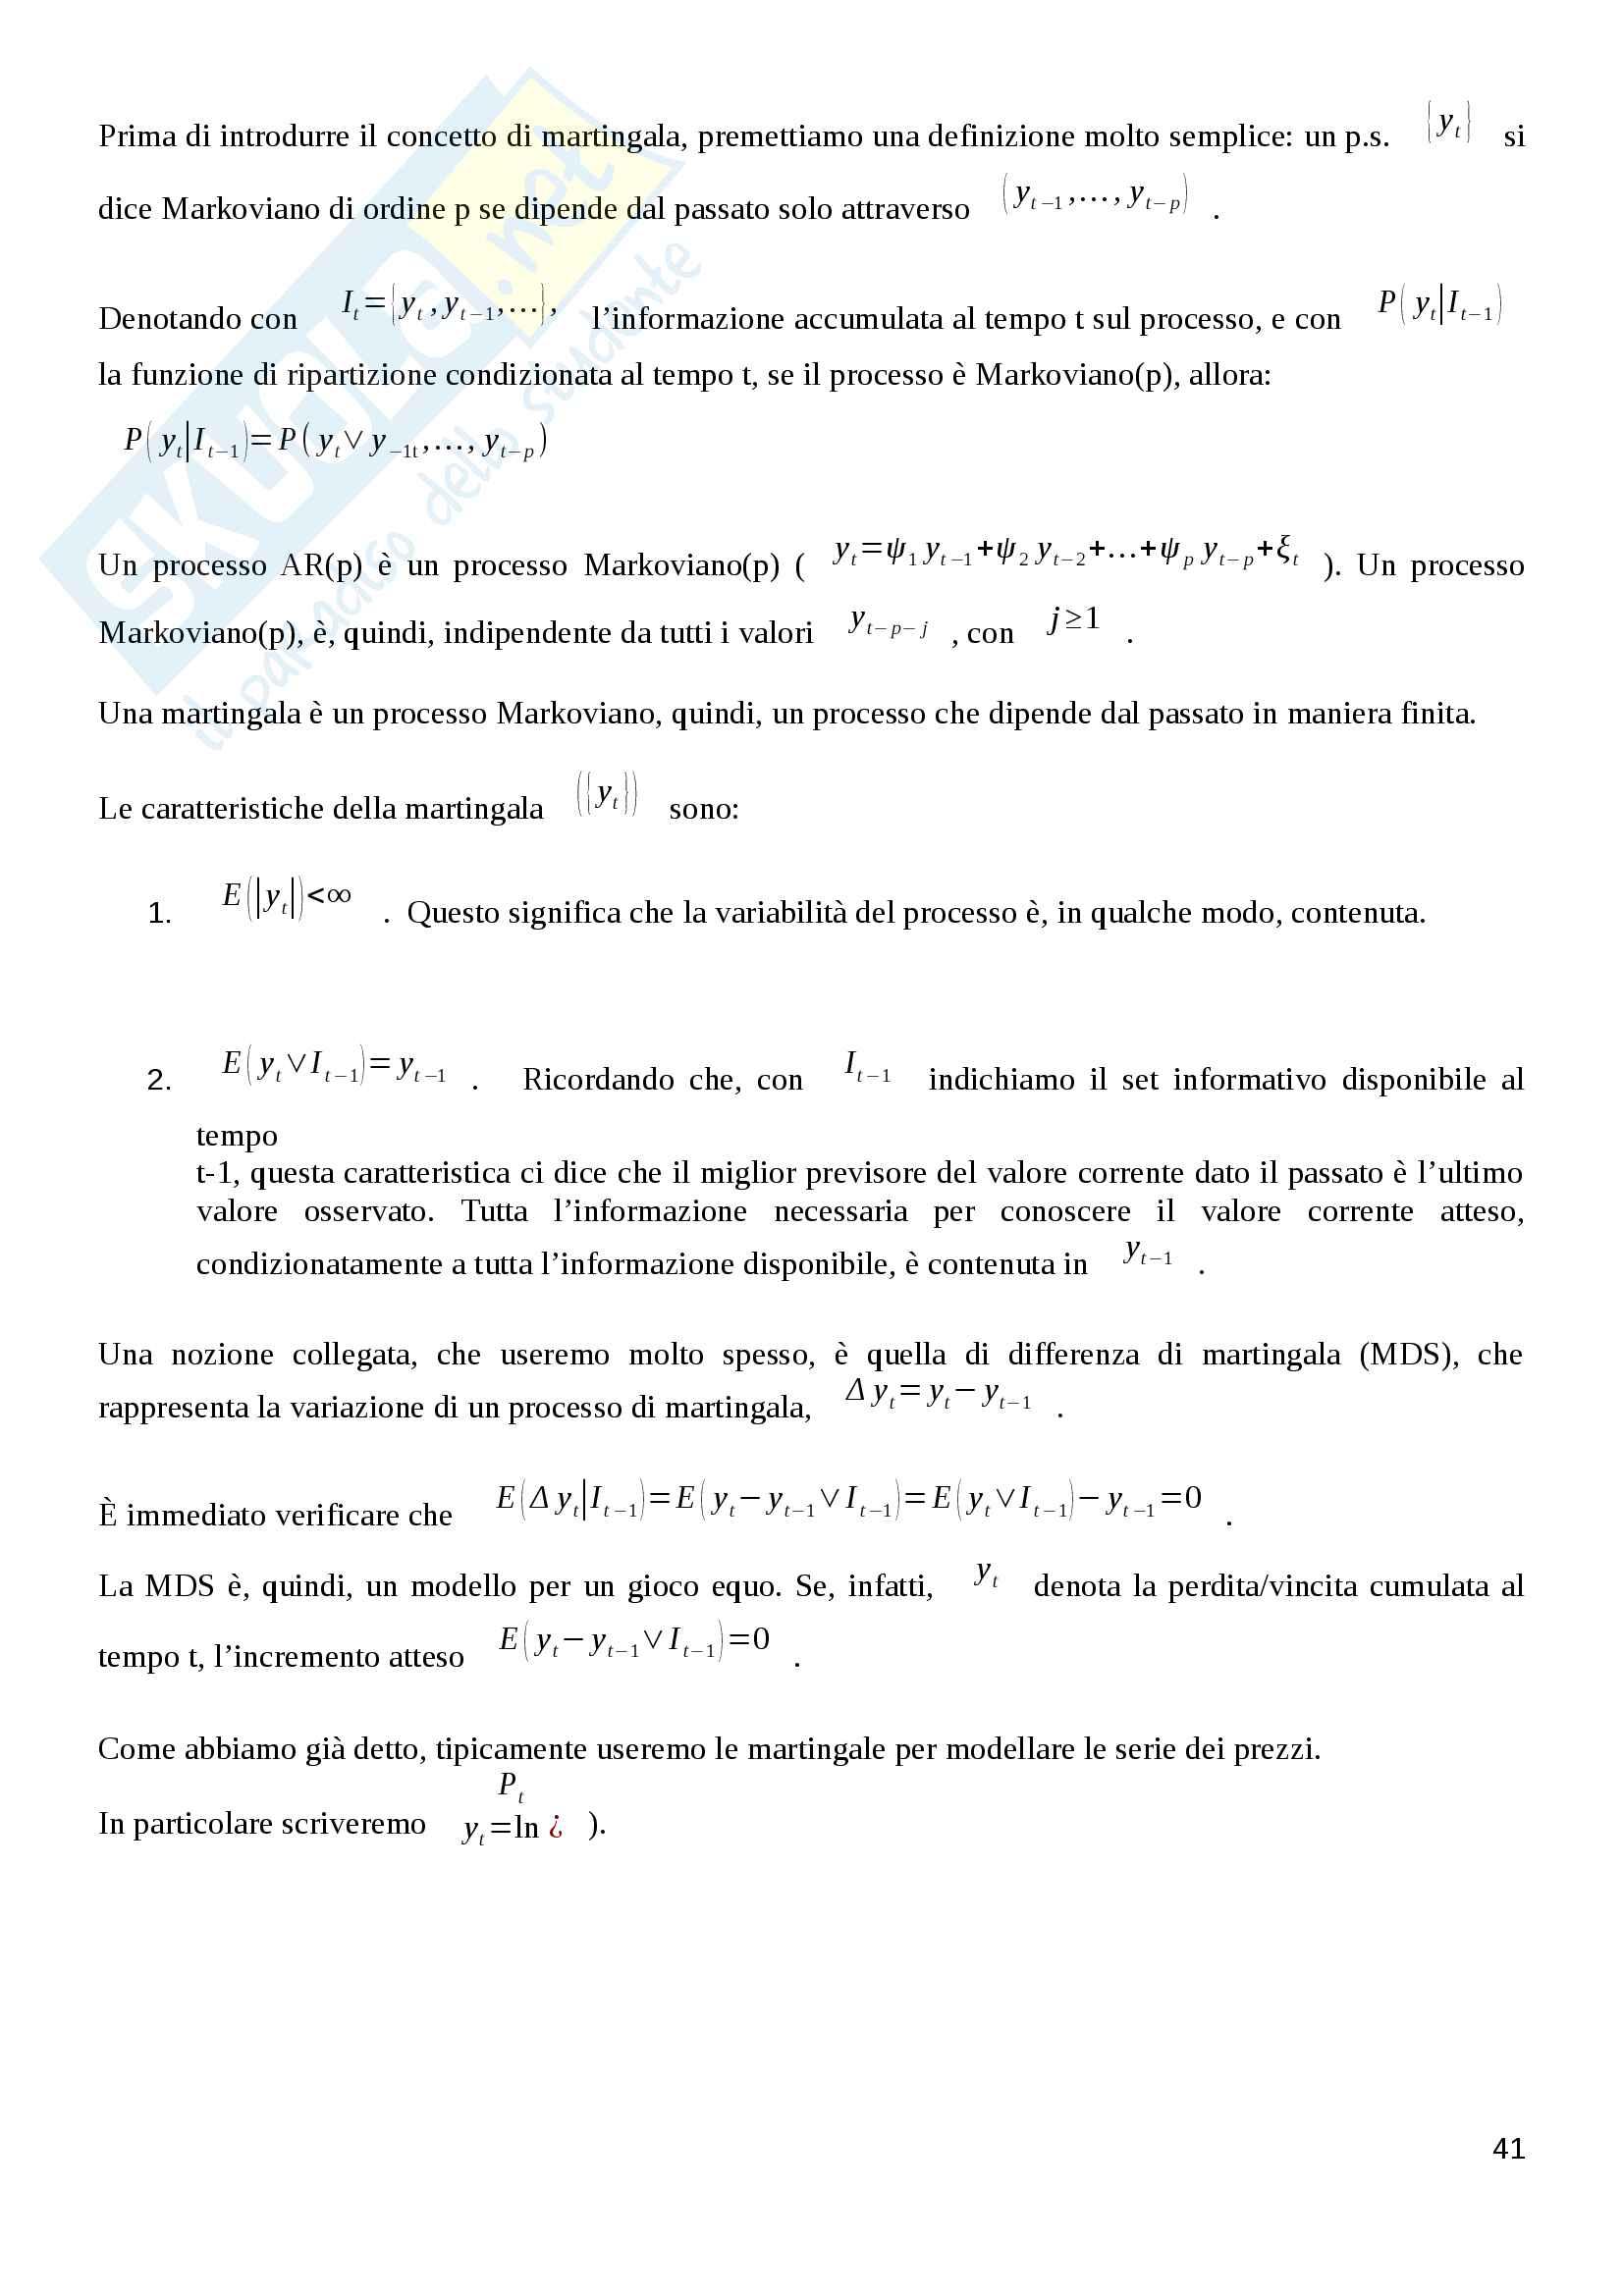 Appunti Finanza Quantitativa Pag. 41